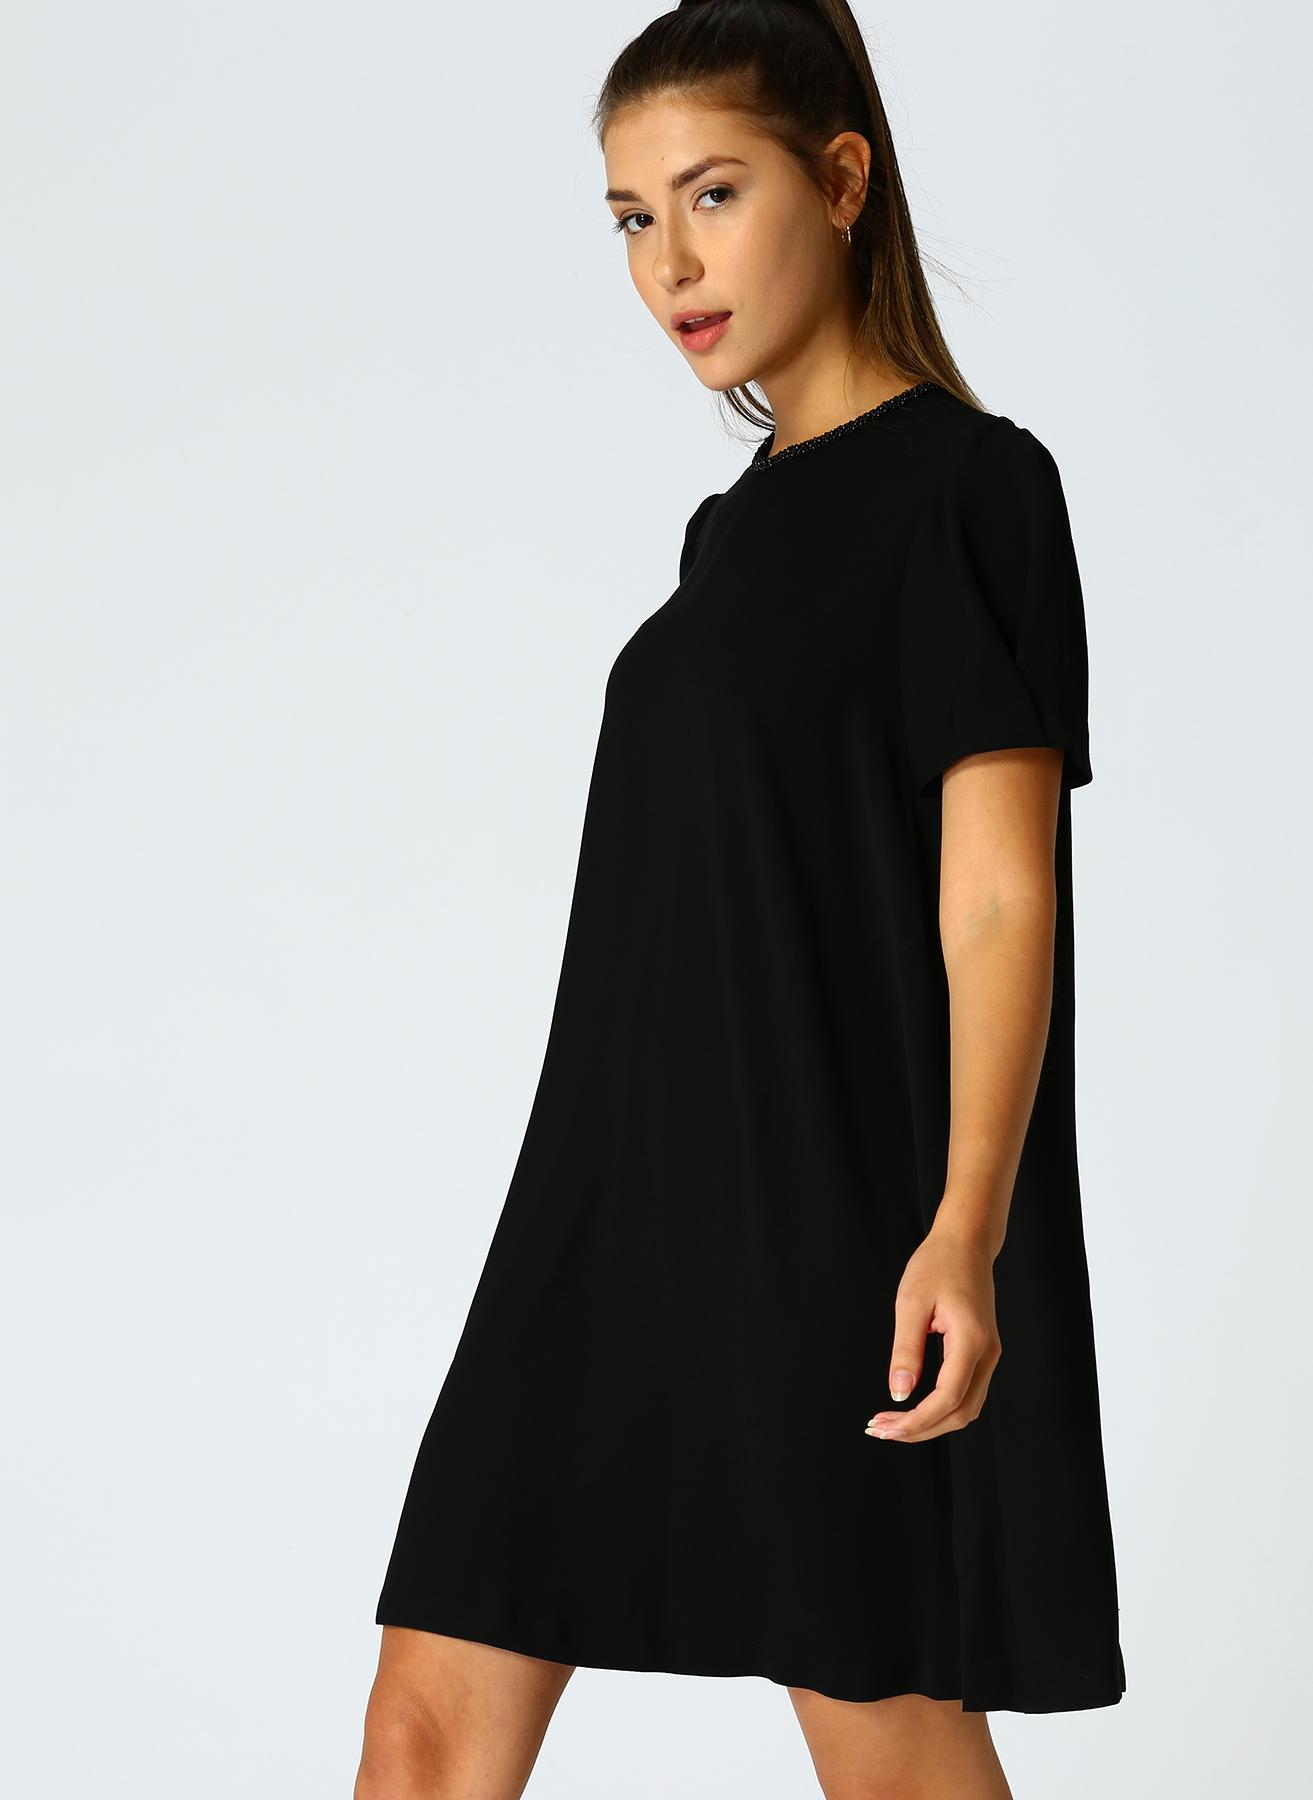 Beymen Studio İşlemeli Yaka Siyah Elbise 38 5001698776002 Ürün Resmi